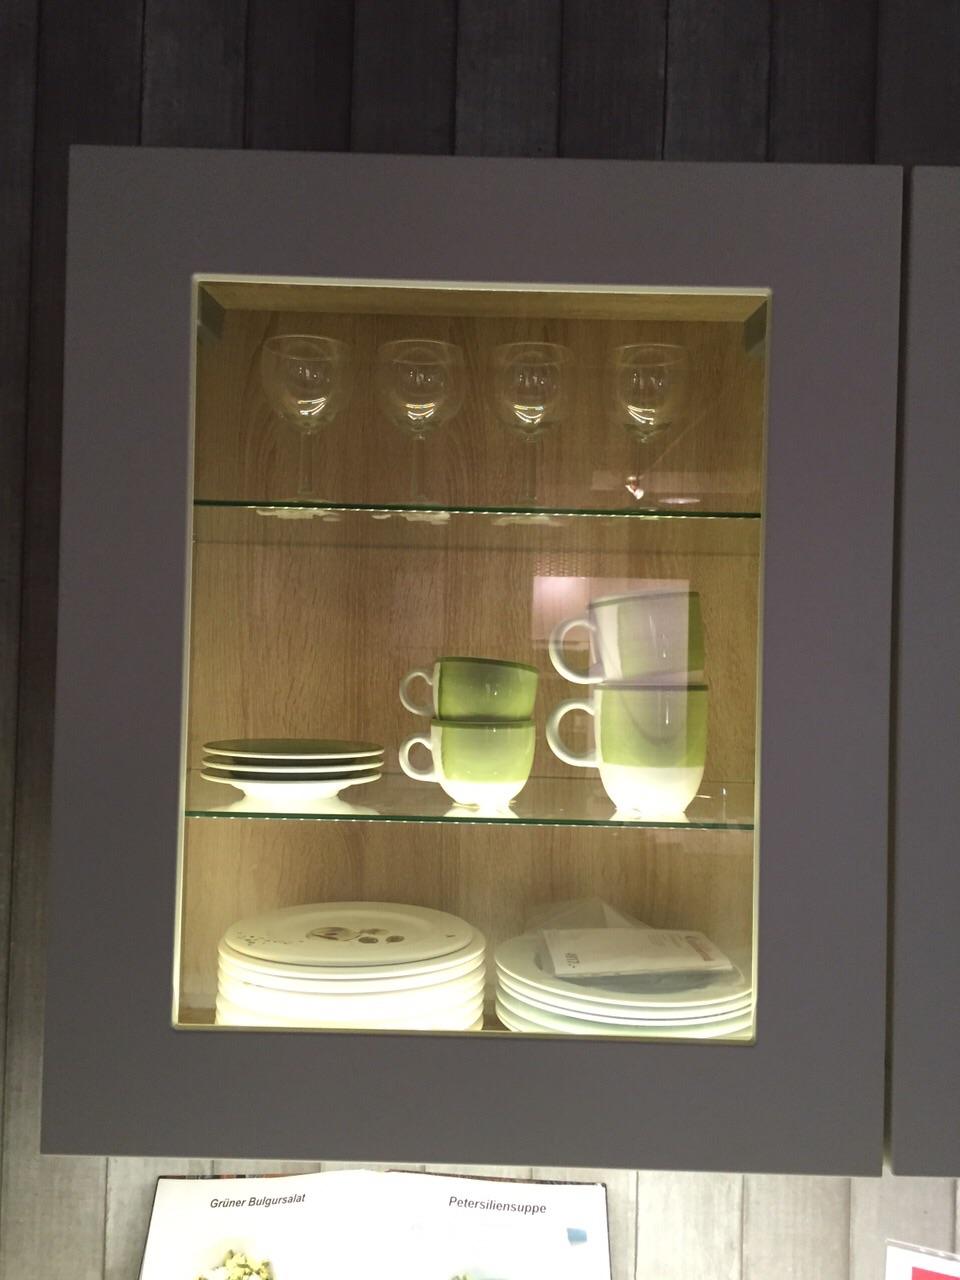 Full Size of Hängeschrank Küche Landhaus Hängeschrank Küche Vintage Weißer Hängeschrank Küche Eckschrank Hängeschrank Küche Küche Hängeschrank Küche